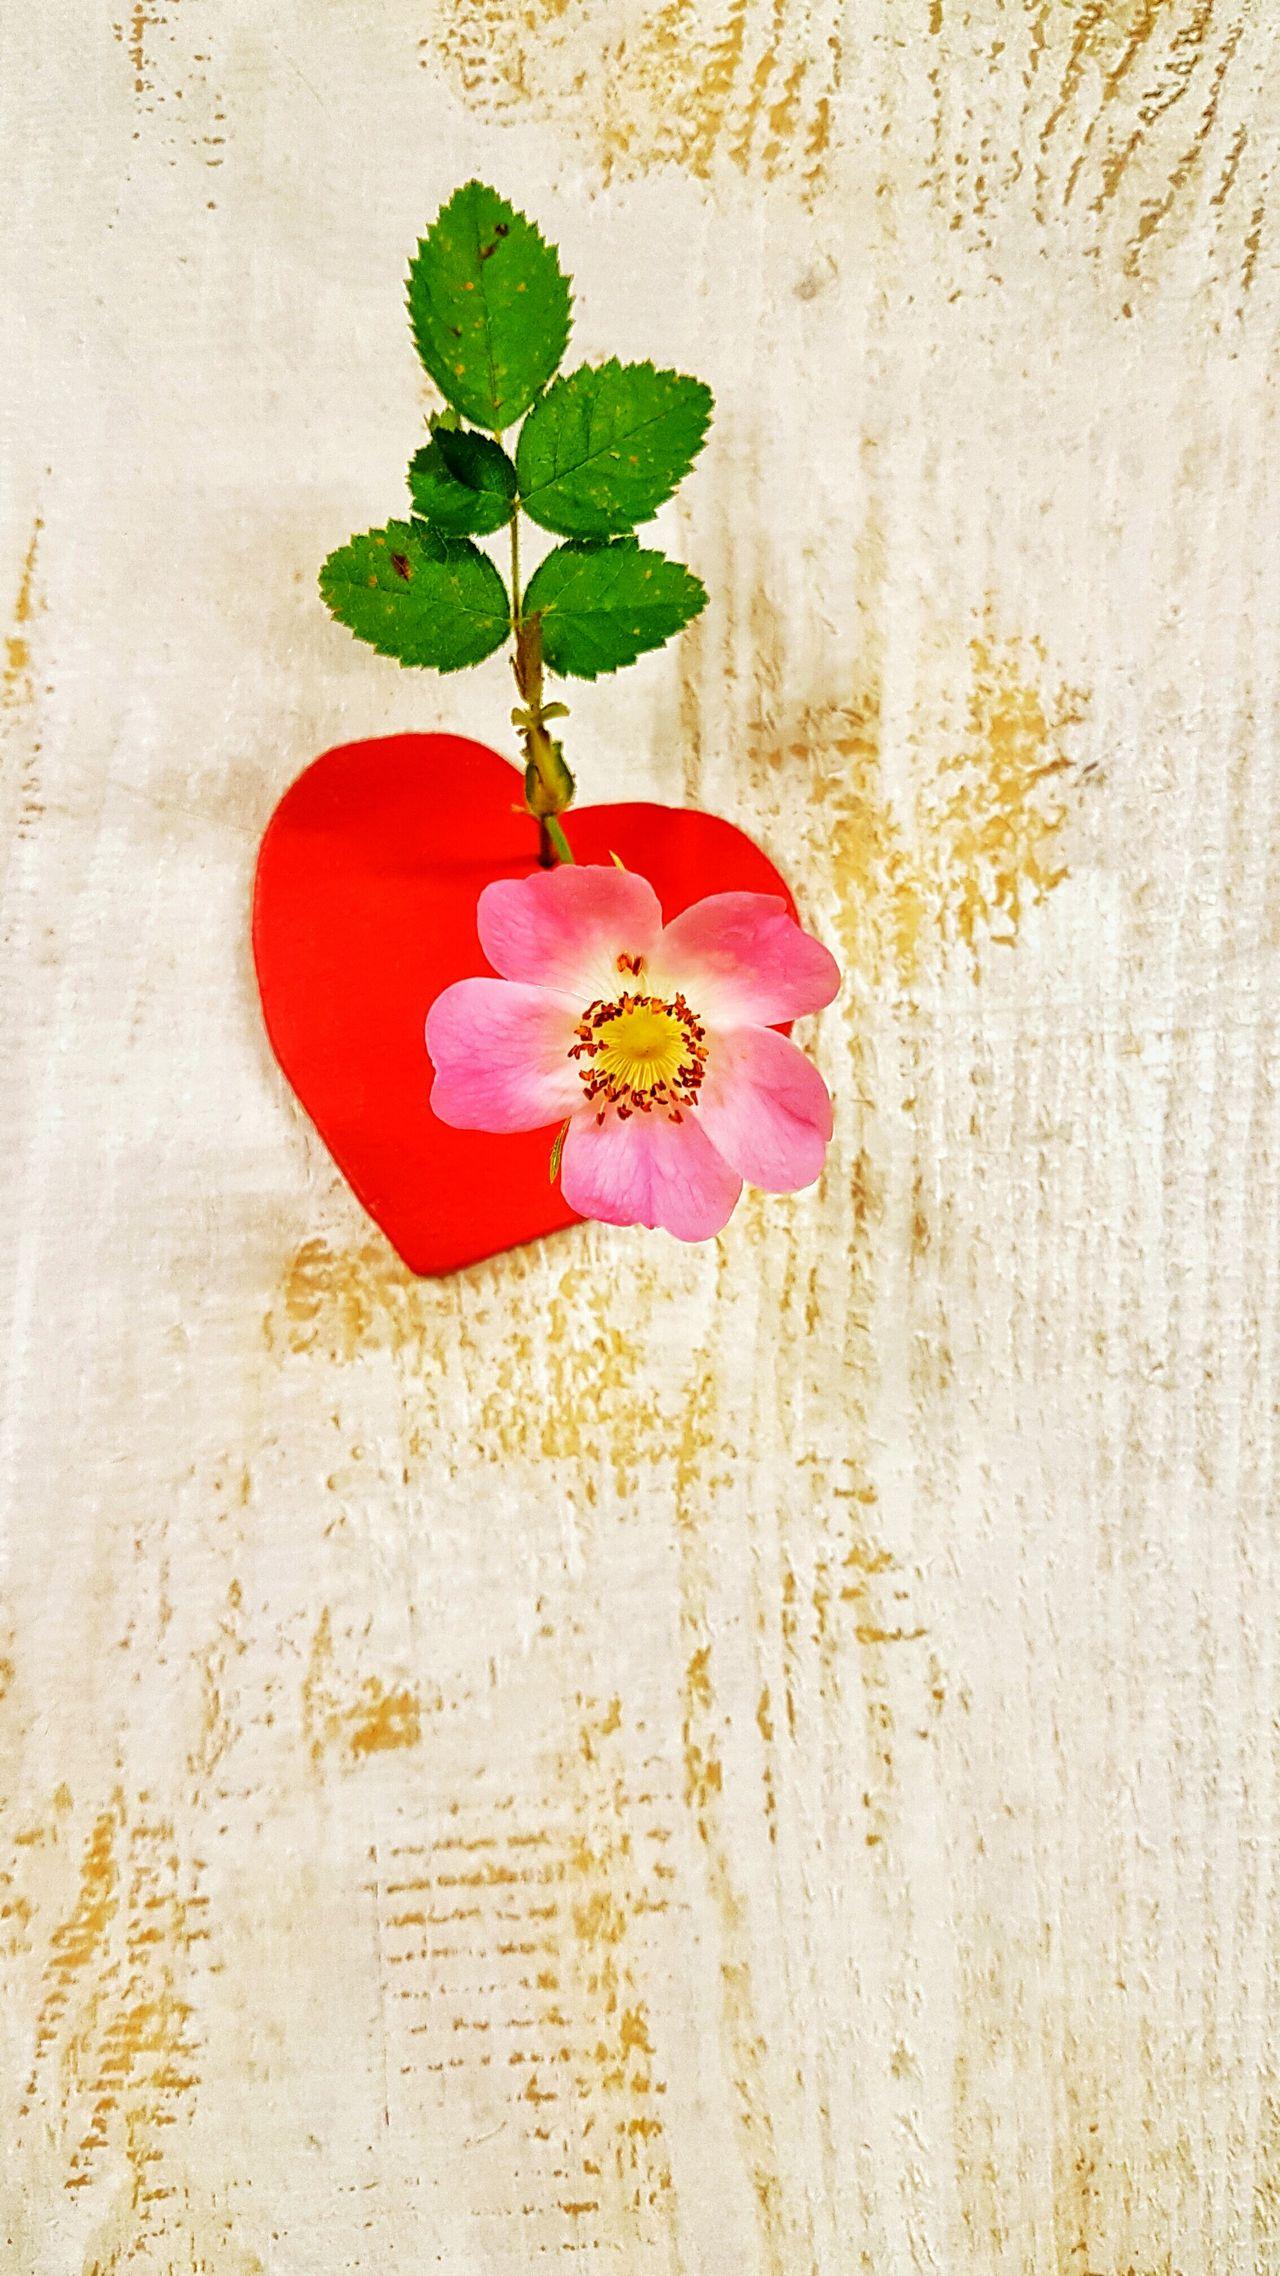 Herz Holztextur Holz Herzformieg Dekoidee Samsung Galaxy S7 EyeEm Gallery Rose🌹 Heart ❤ Deko Für Garten Heart